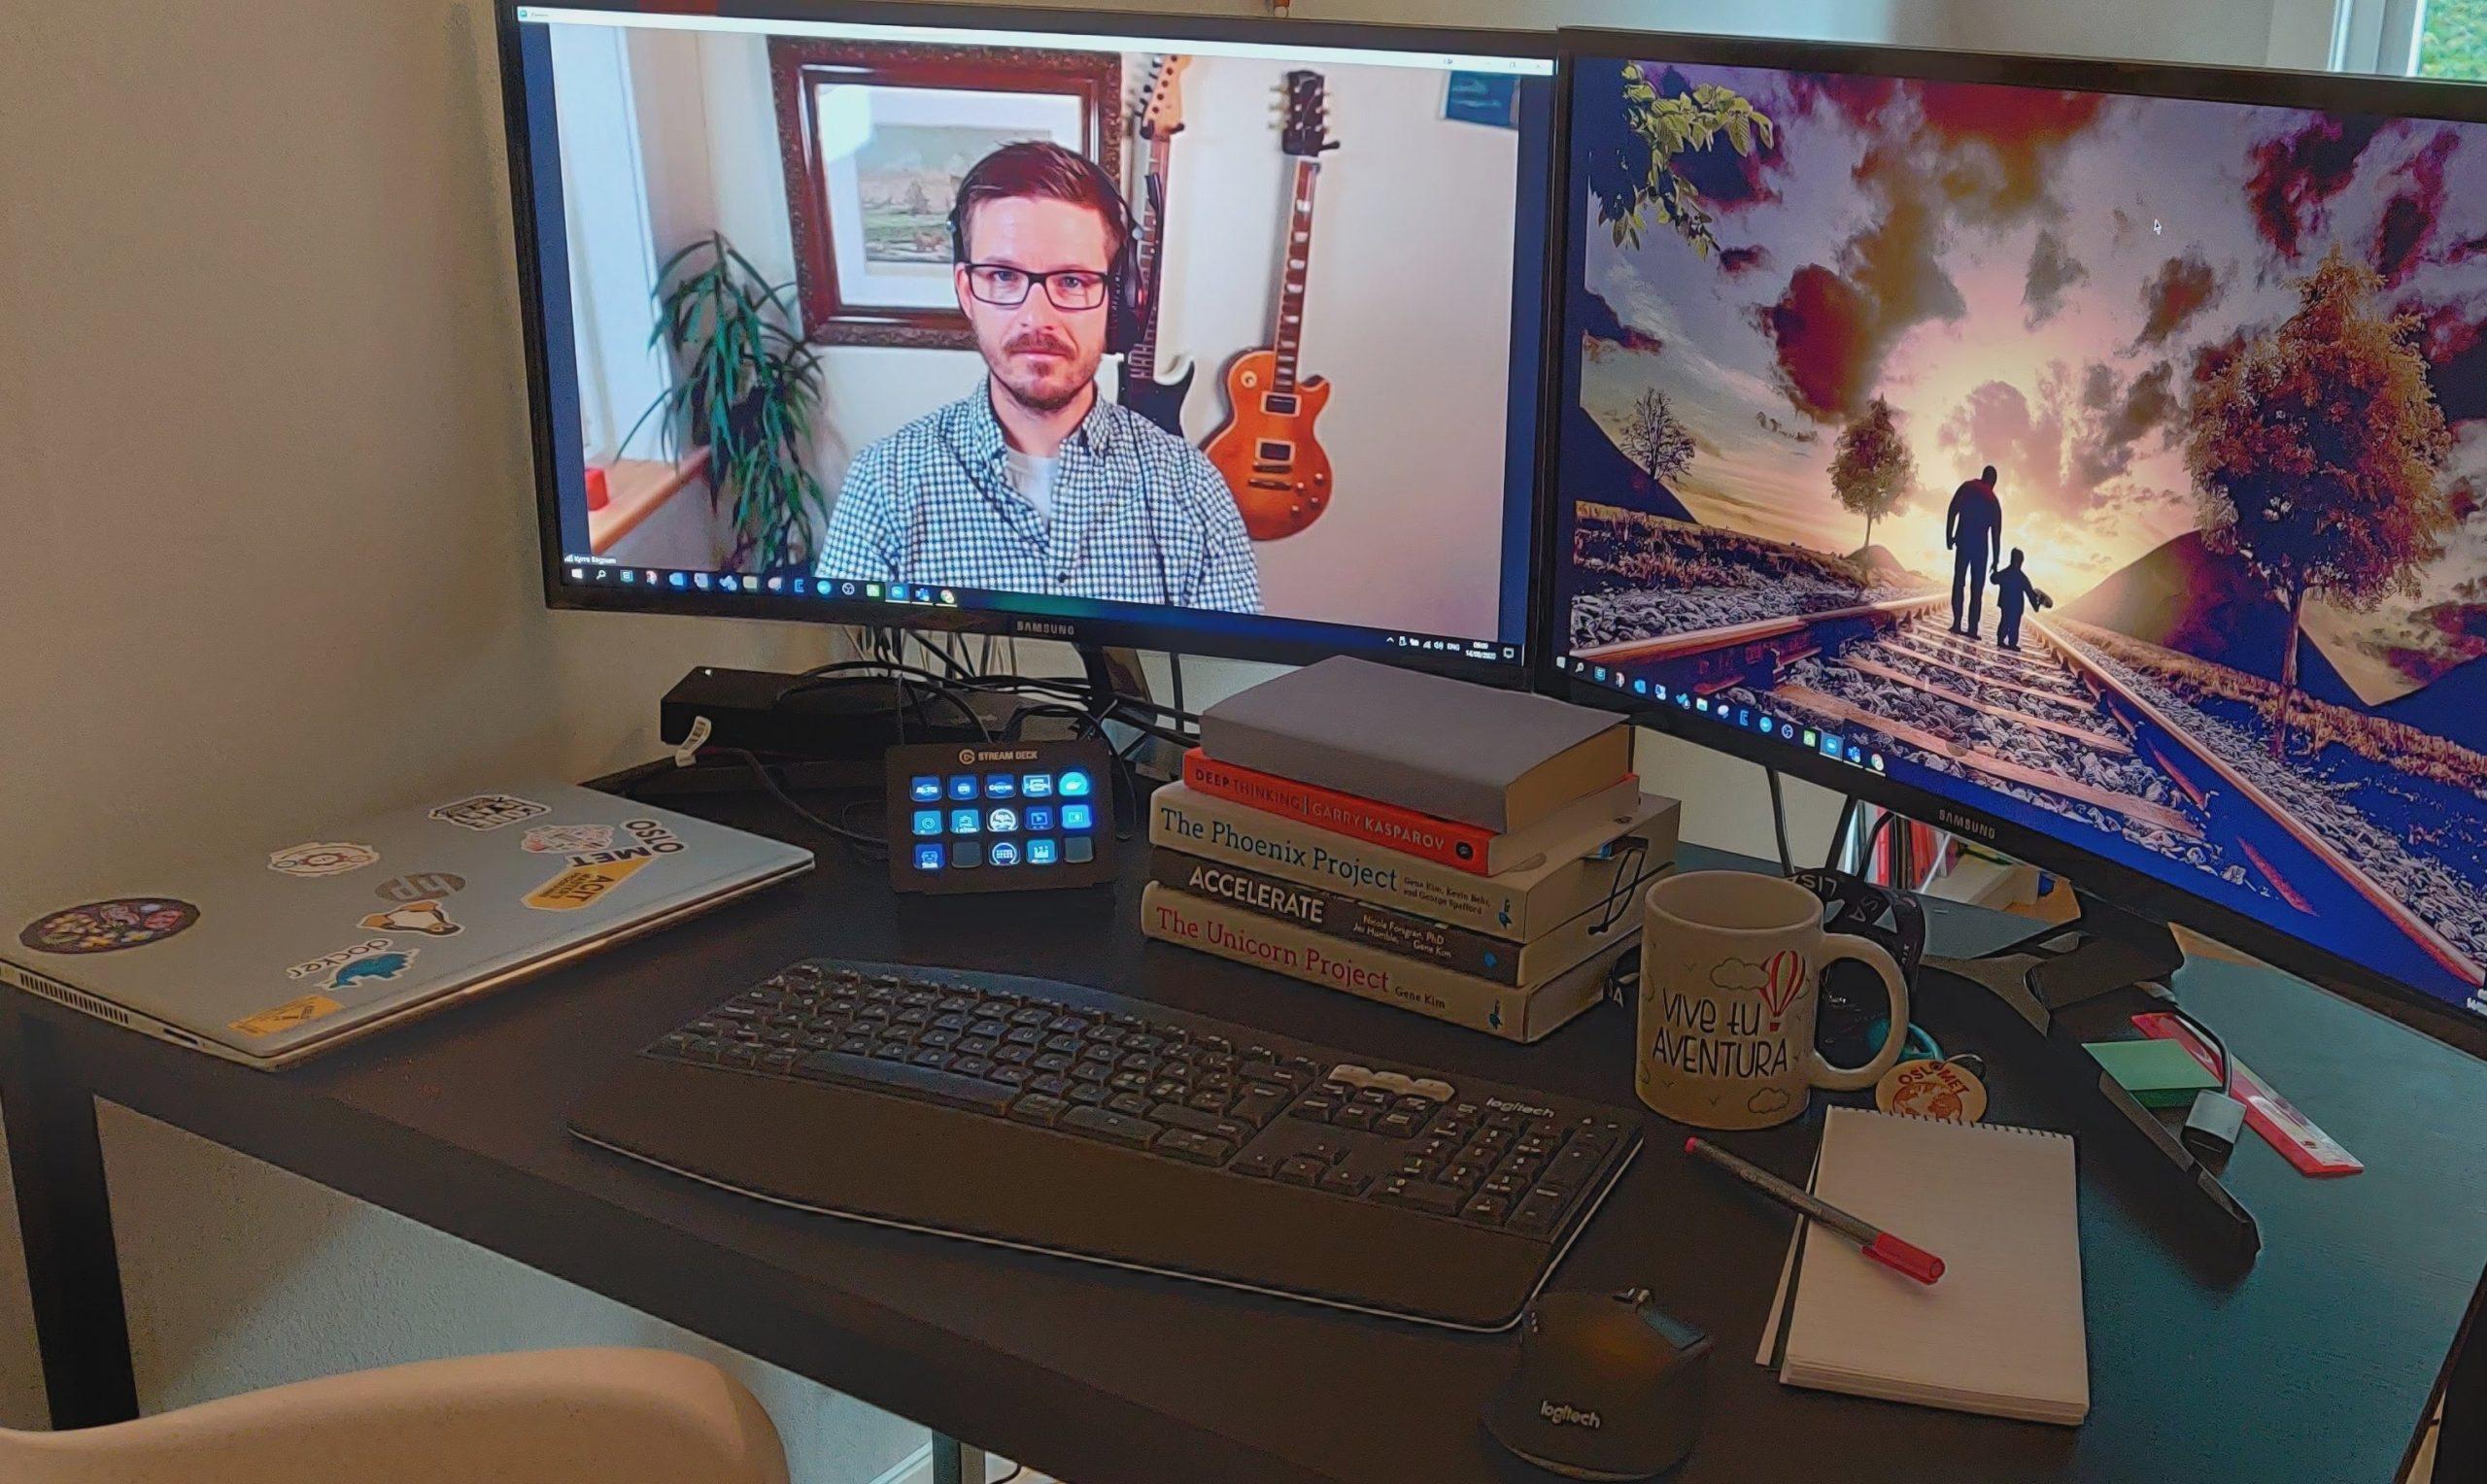 Bilde av et skrivebord med PC-skjermer. Kyrre underviser fra en av skjermene.